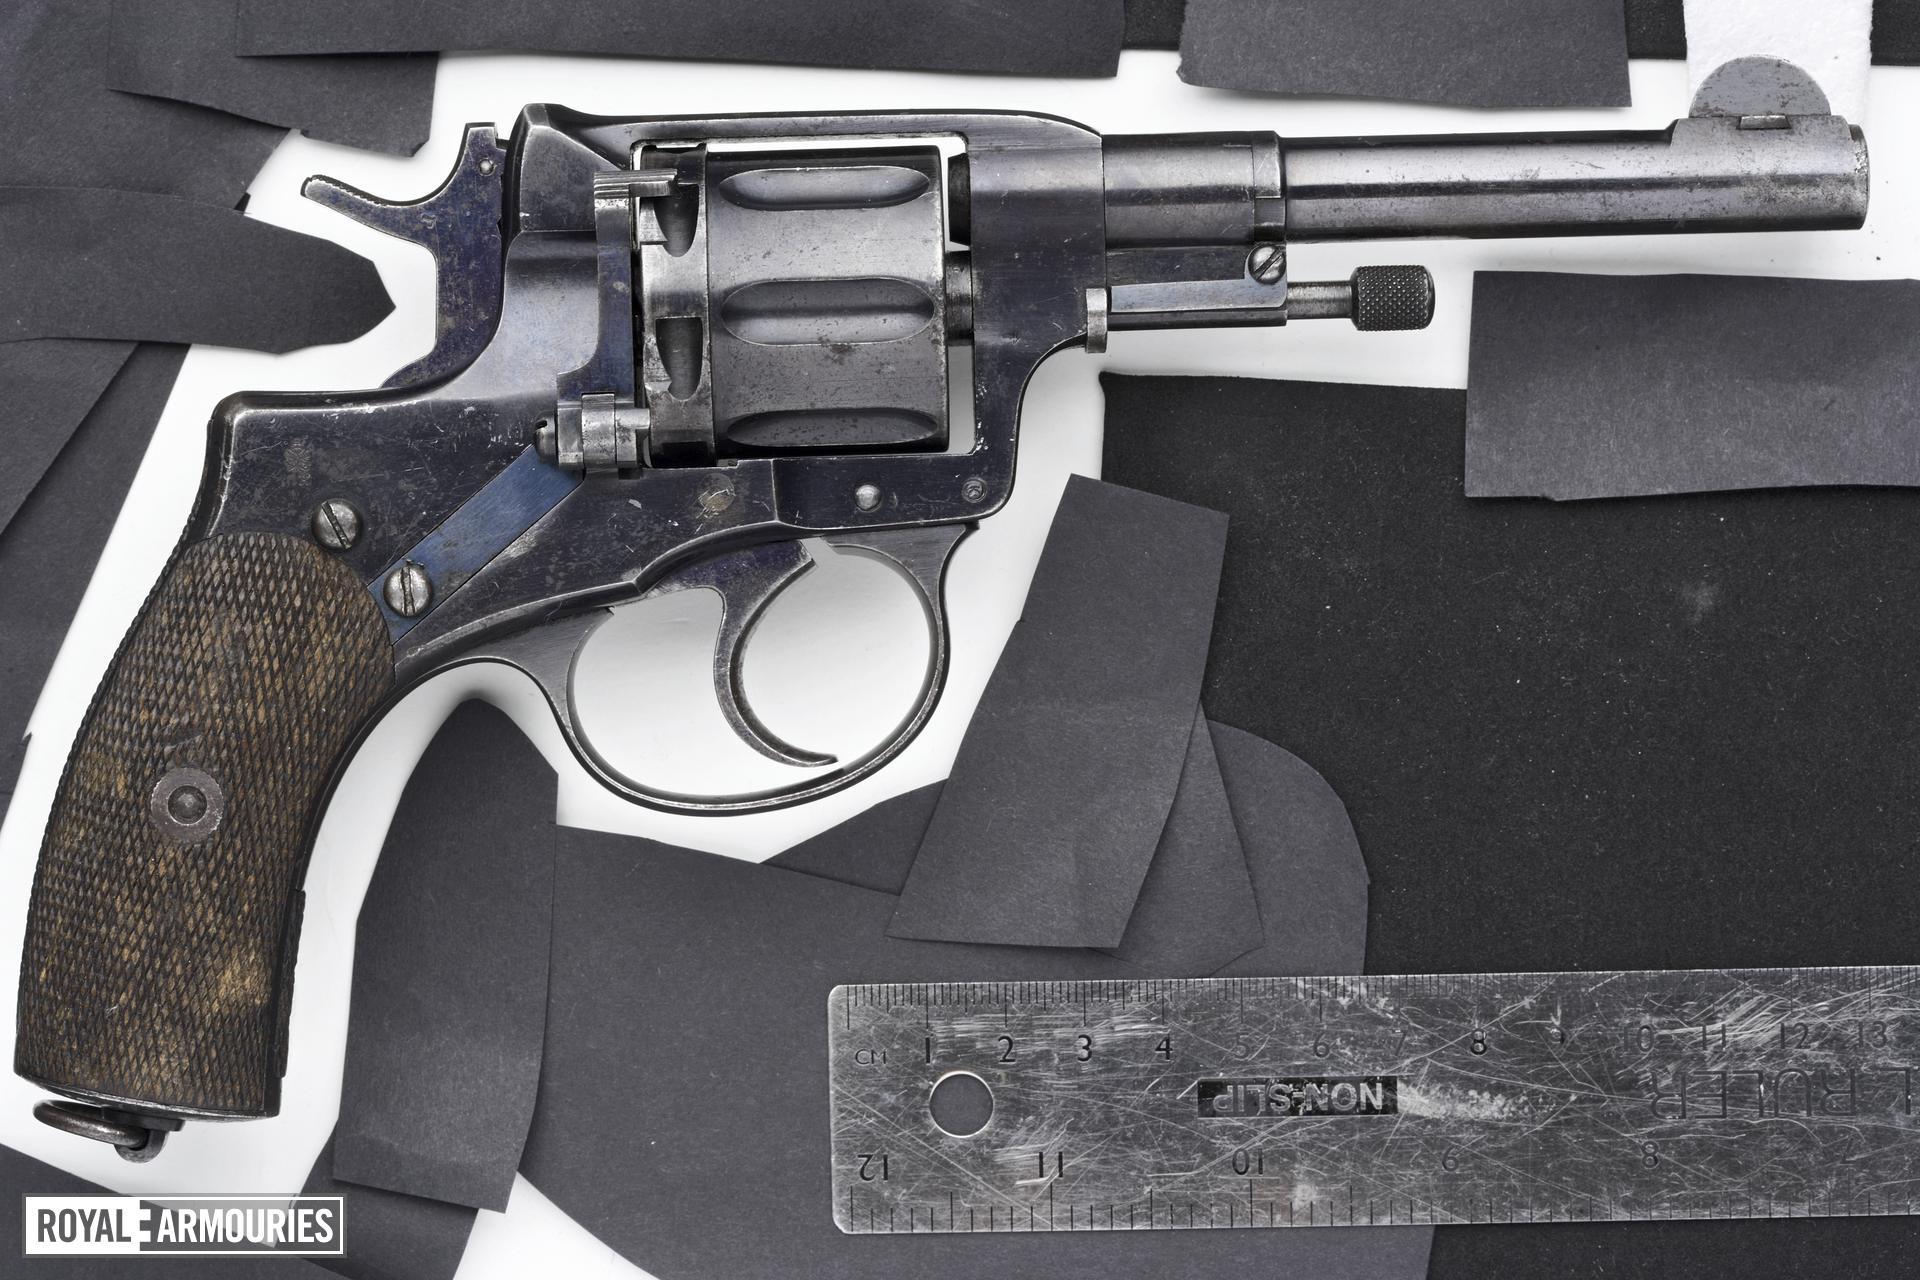 Centrefire seven-shot revolver - Nagant Model 1895 S/A